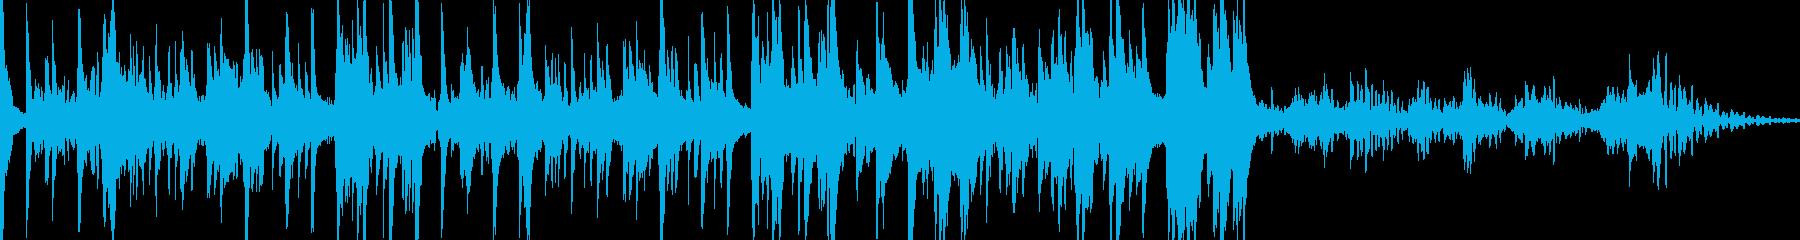 スパースピアノとクールなきらめくシ...の再生済みの波形